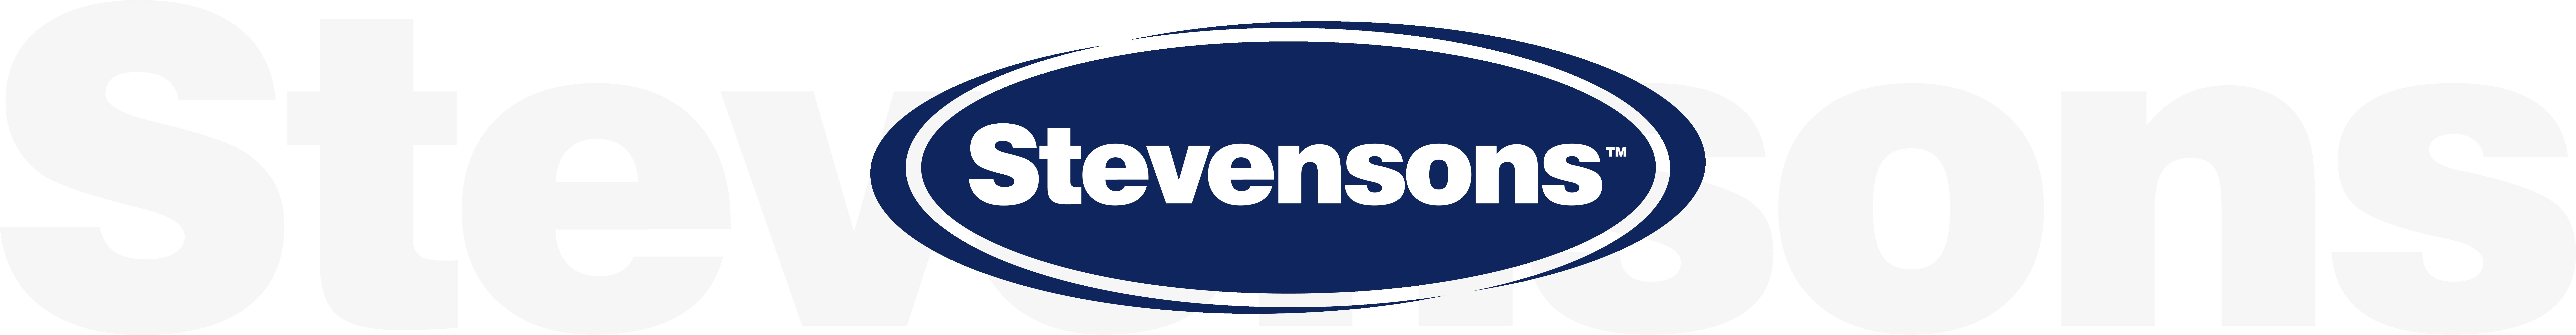 Stevensons Logo Text